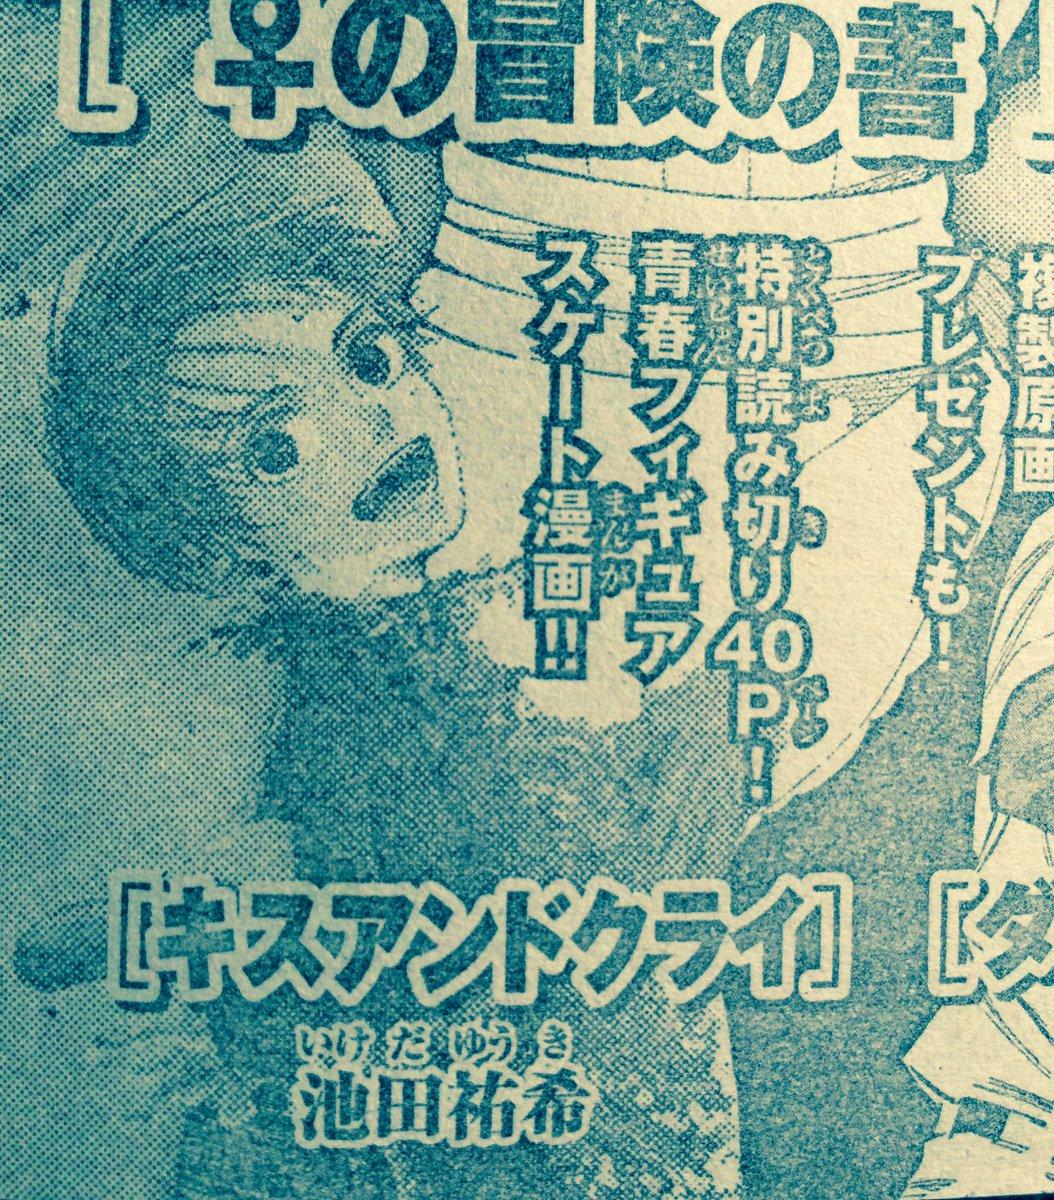 どんな内容なのか気になる。来週発売の週刊少年マガジンにフィギュアスケート漫画の読み切りを掲載